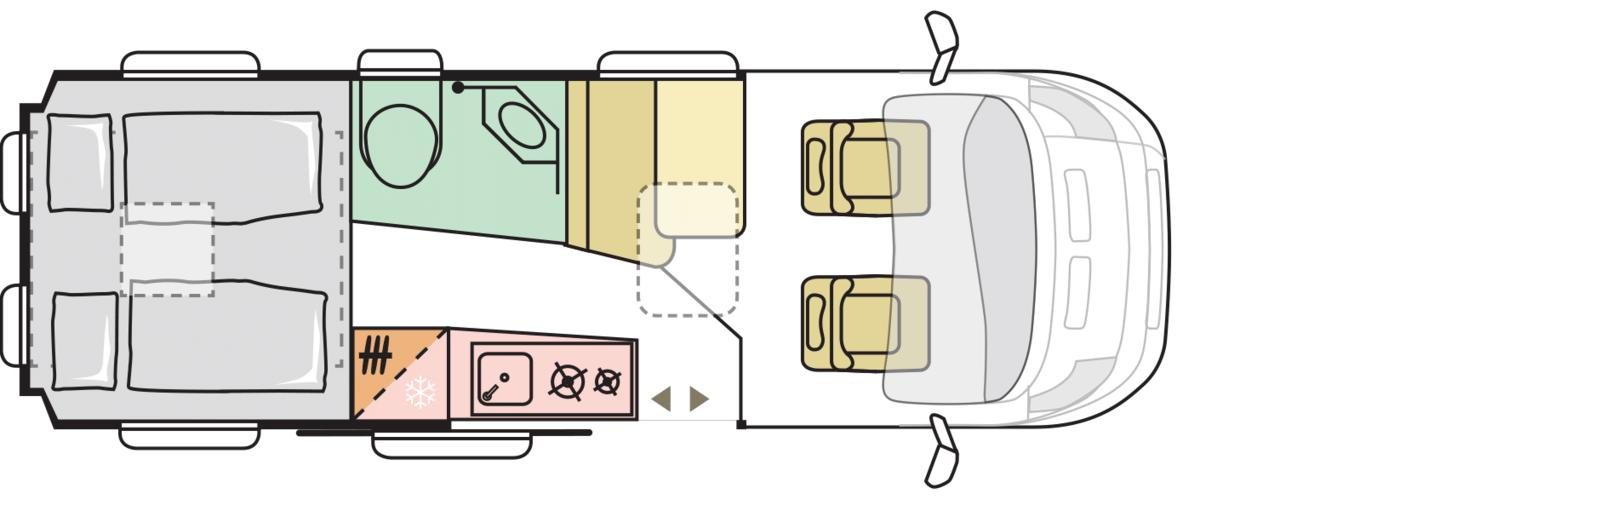 Overzicht van de indeling van het interieur: achterin slapen en in het midden de woonruimte met keuken en badkamer.